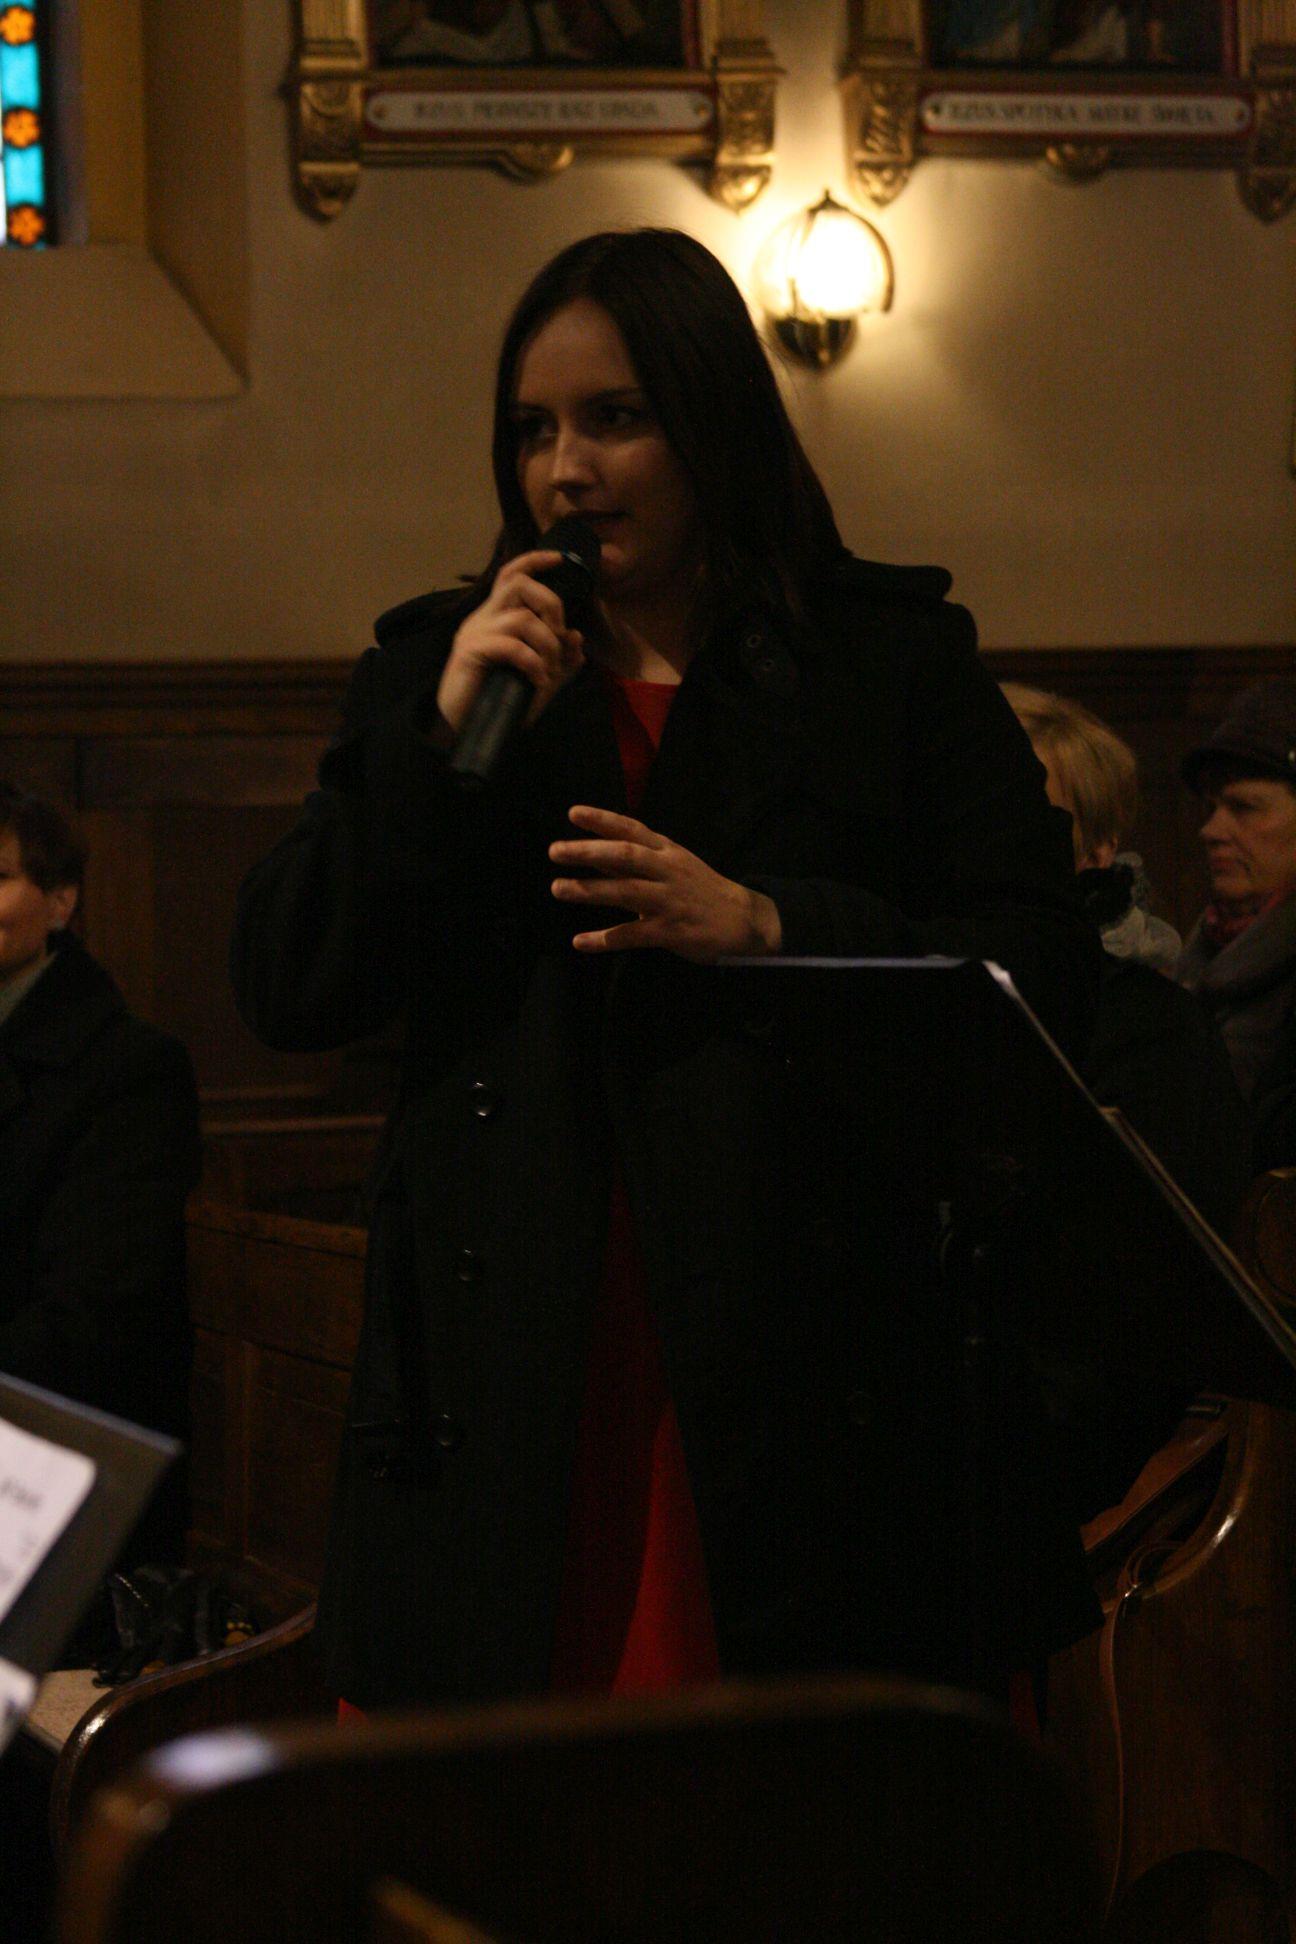 koncert_orkiestry_045